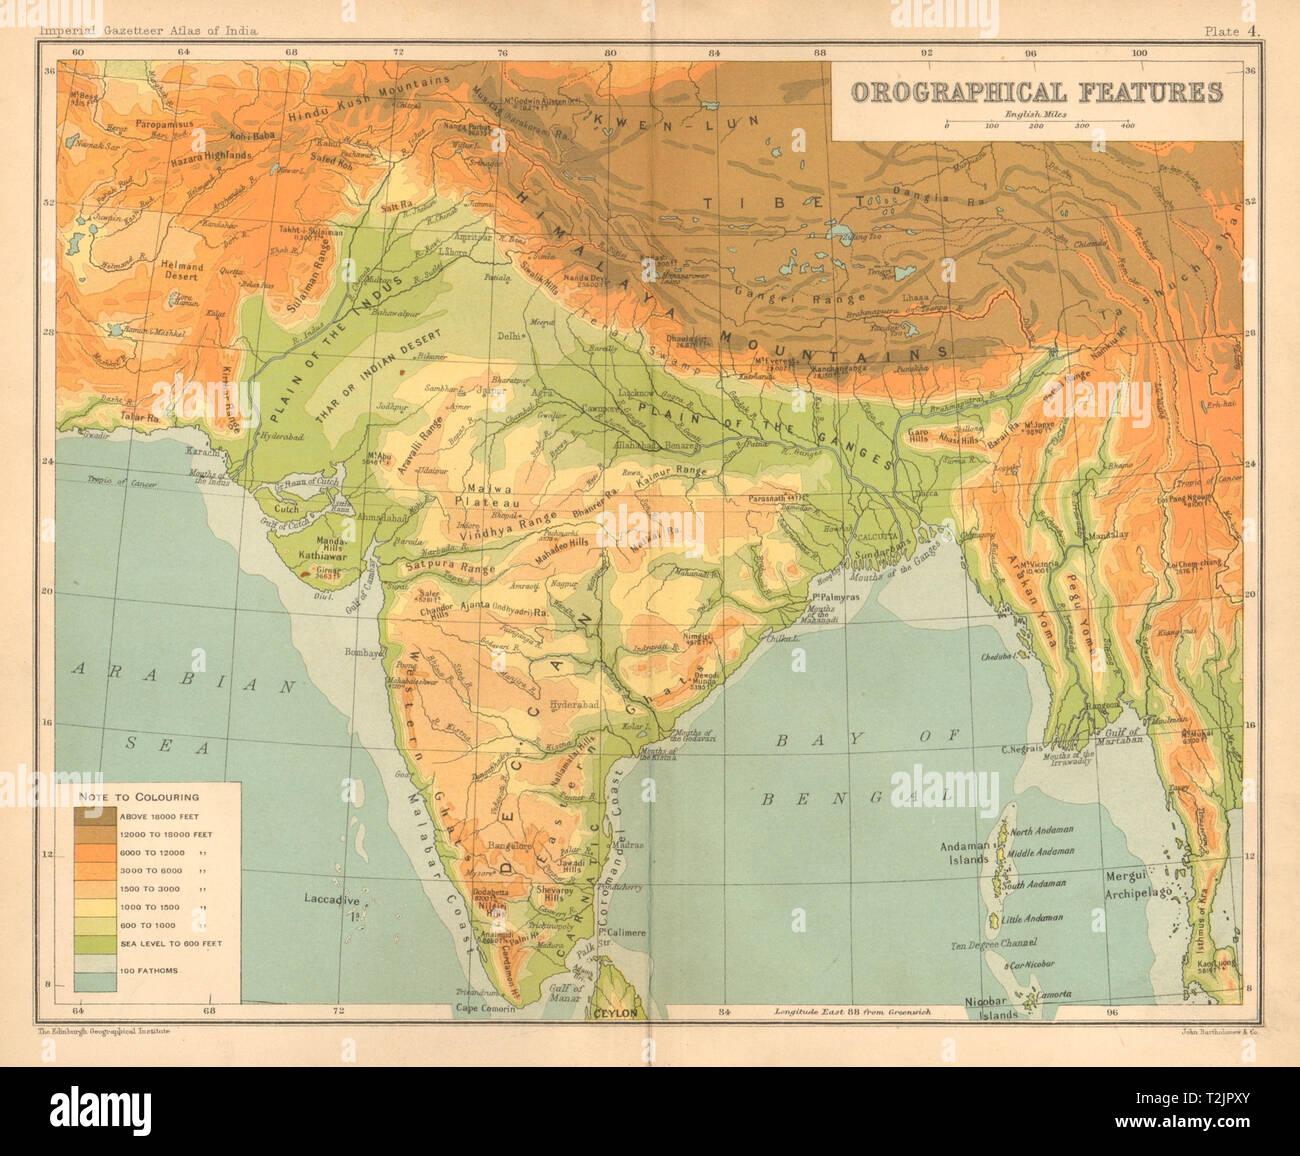 Südasien Karte.Südasien Erleichterung Indien Burma Pakistan Orographischen Verfügt